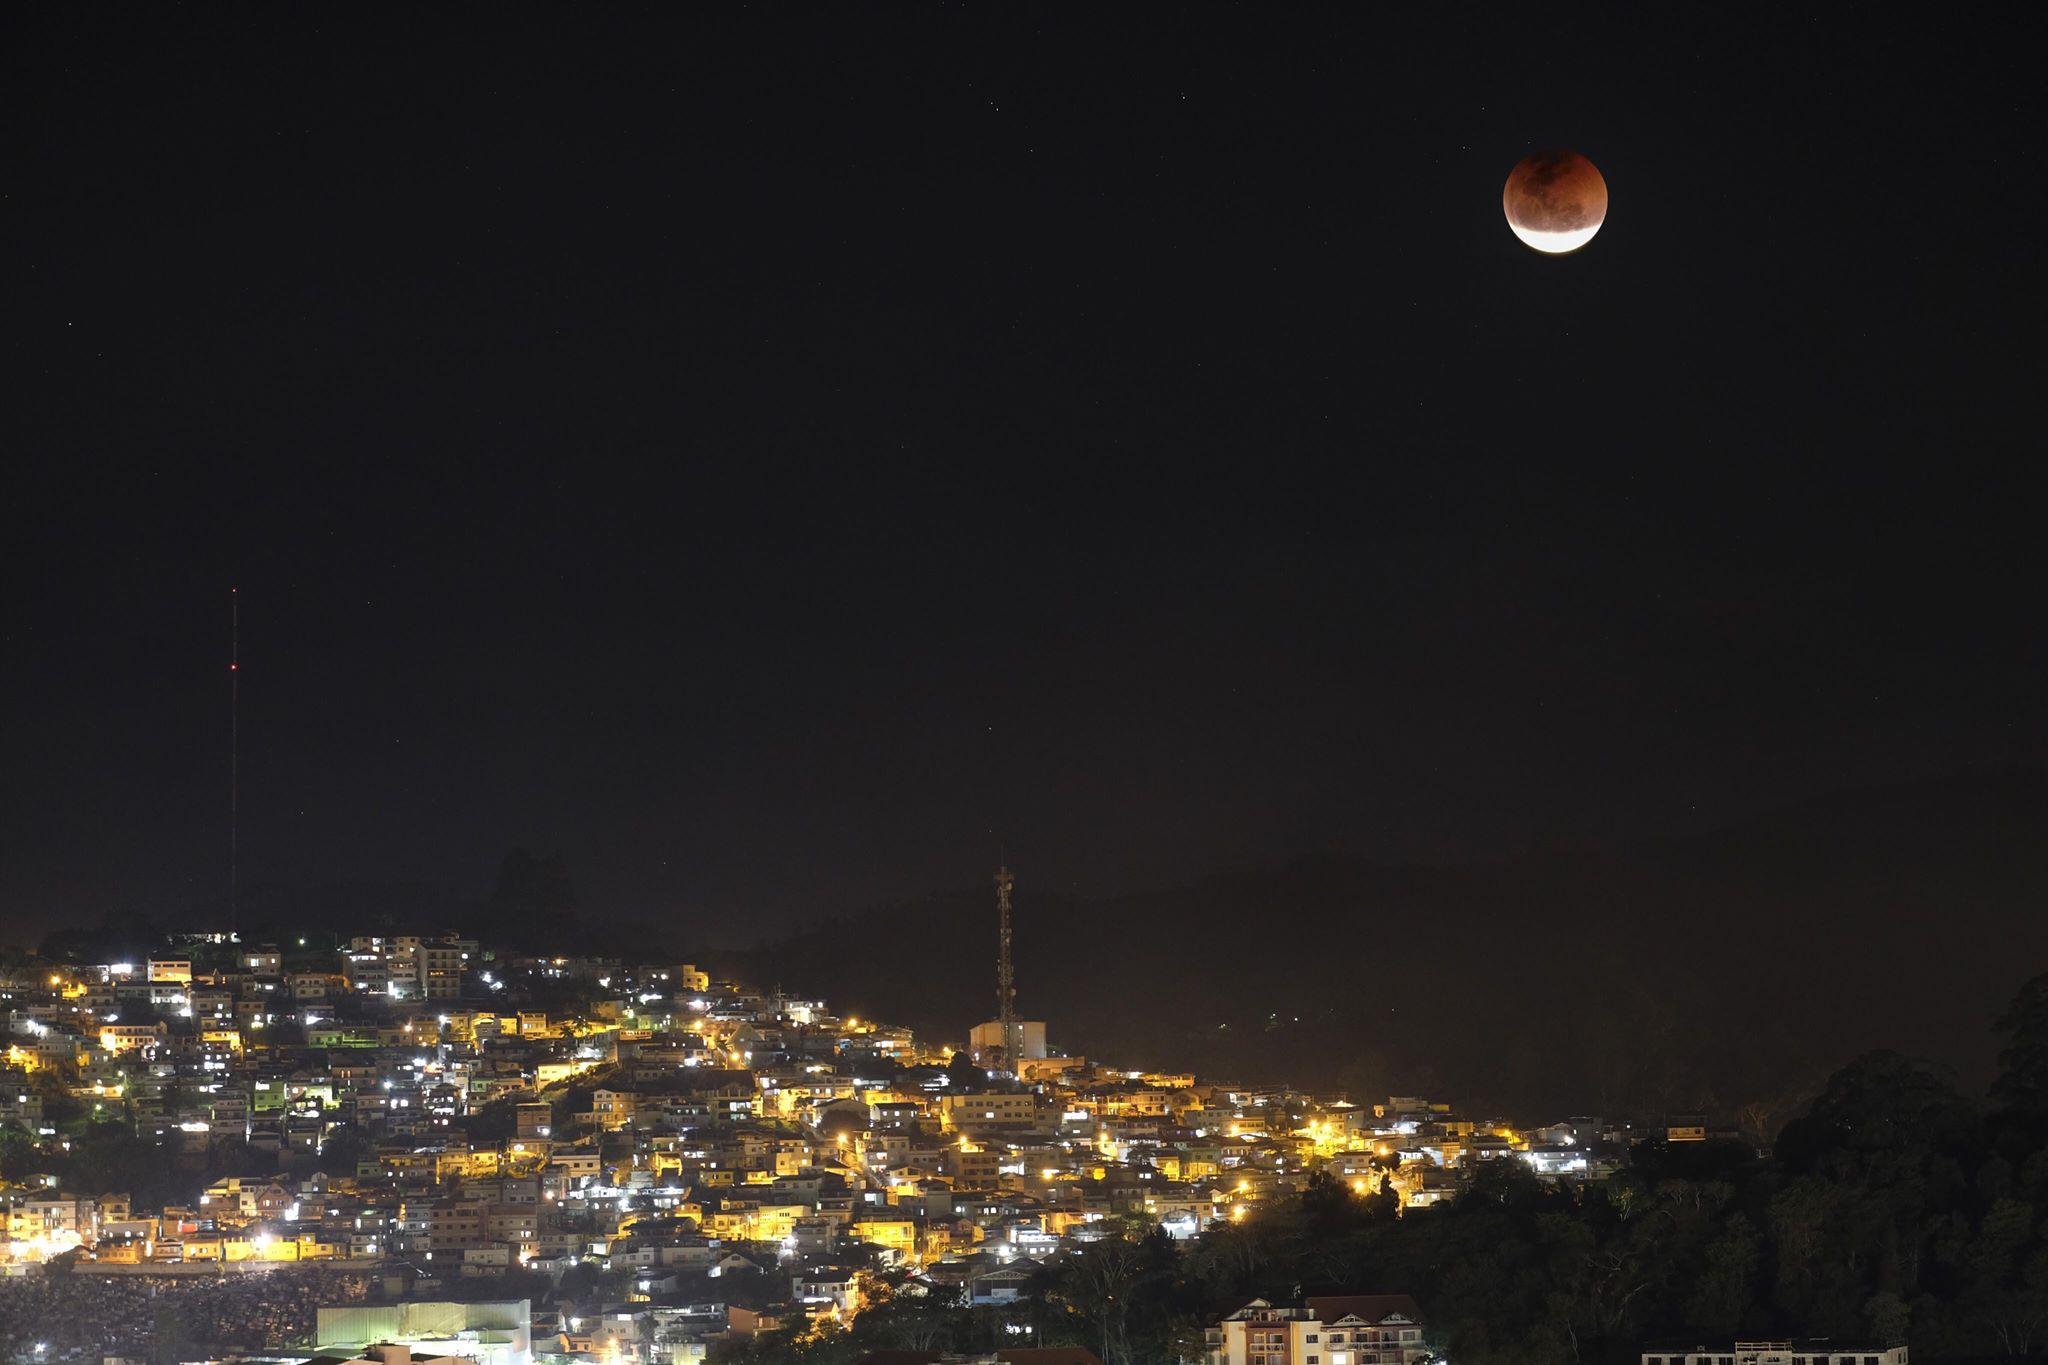 O eclipse de um ano atrás, fotografado por Pedro Bessa